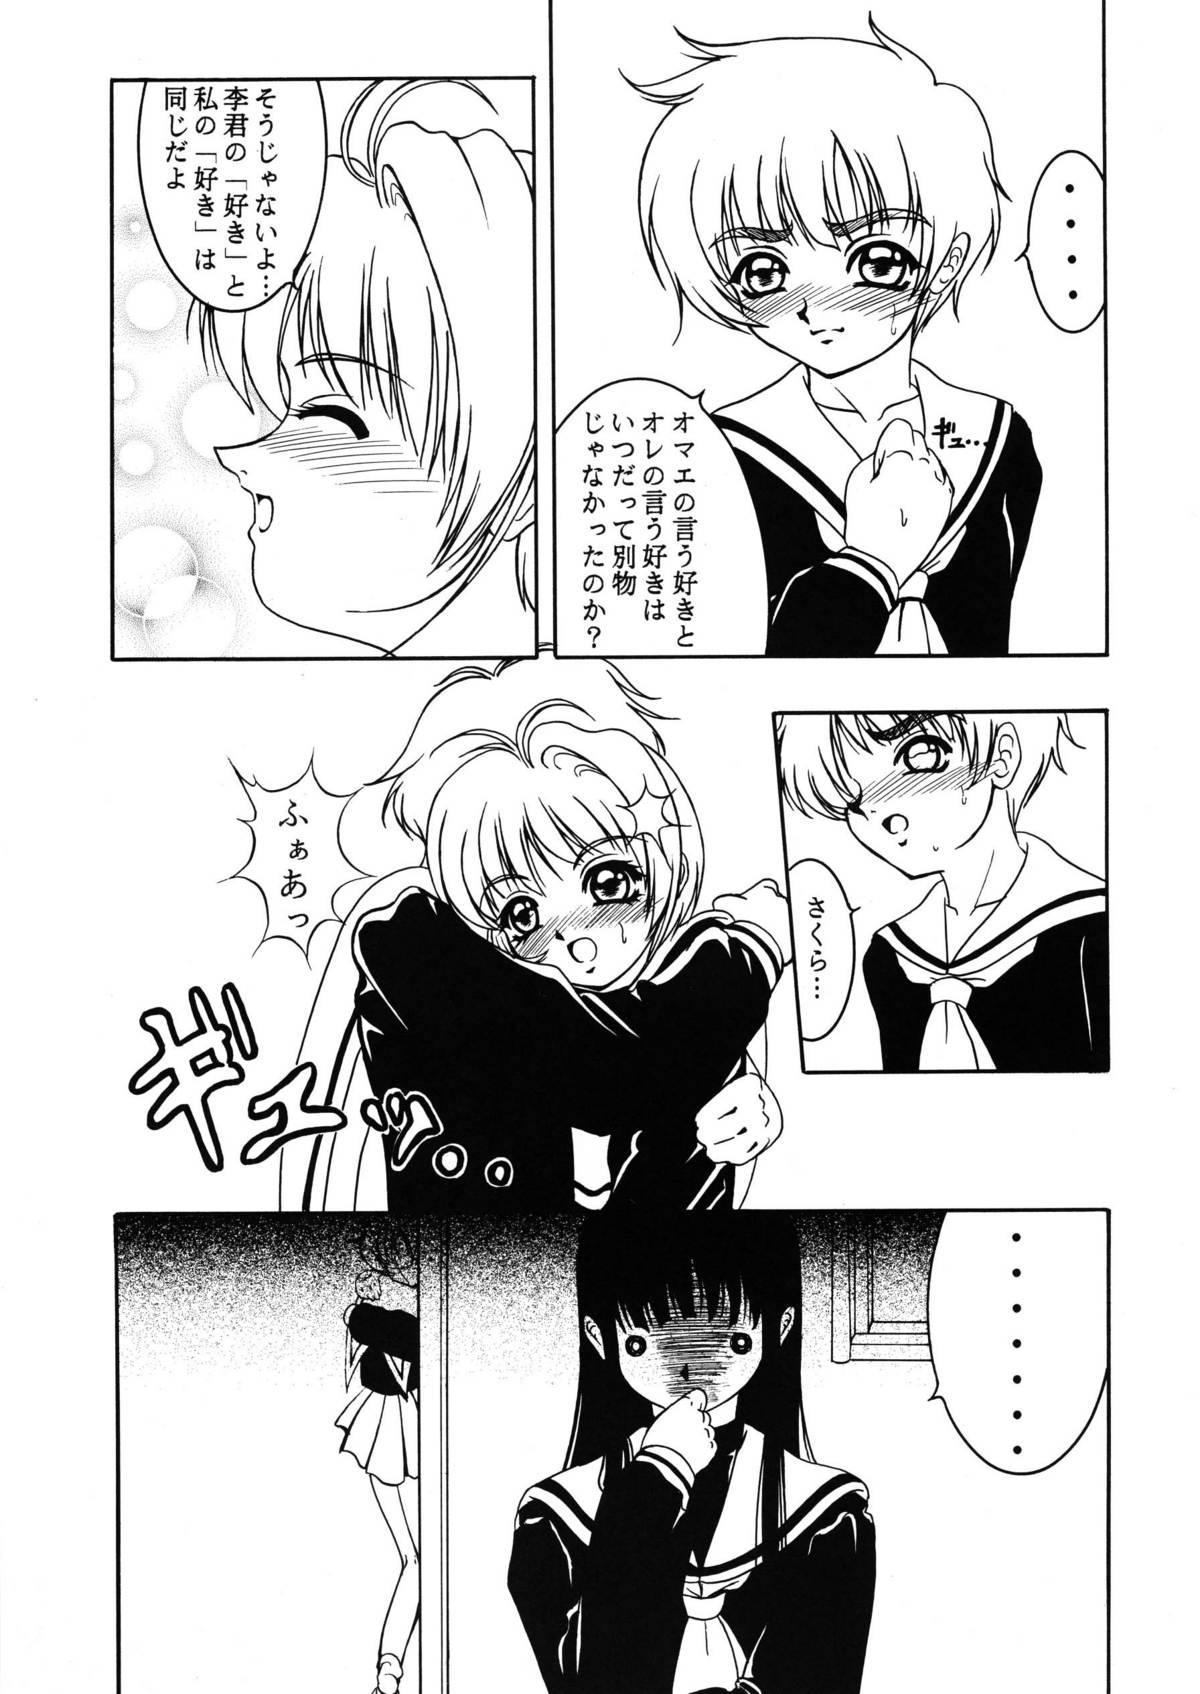 Hana ni Arashi no Tatoe mo Aruzo 19